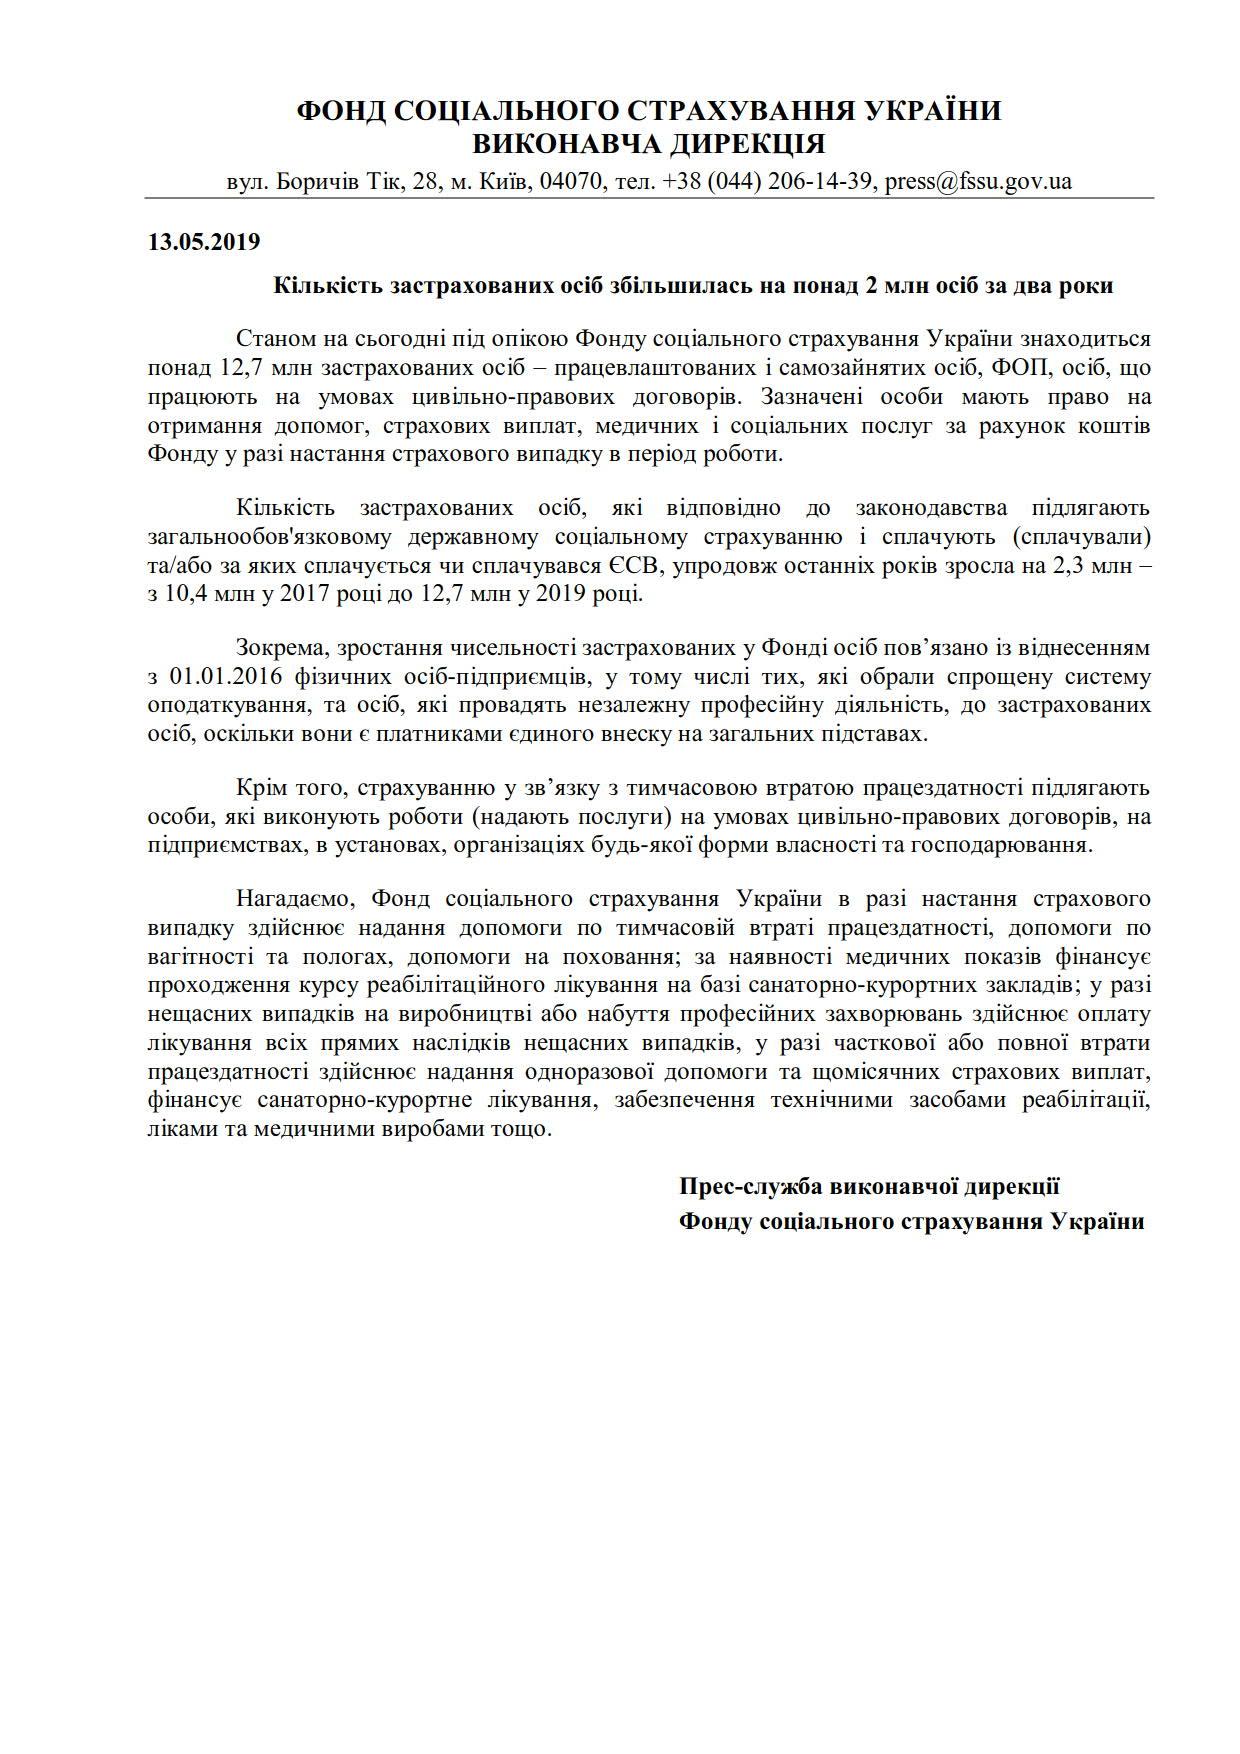 ФССУ_Кількість застрахованих_1